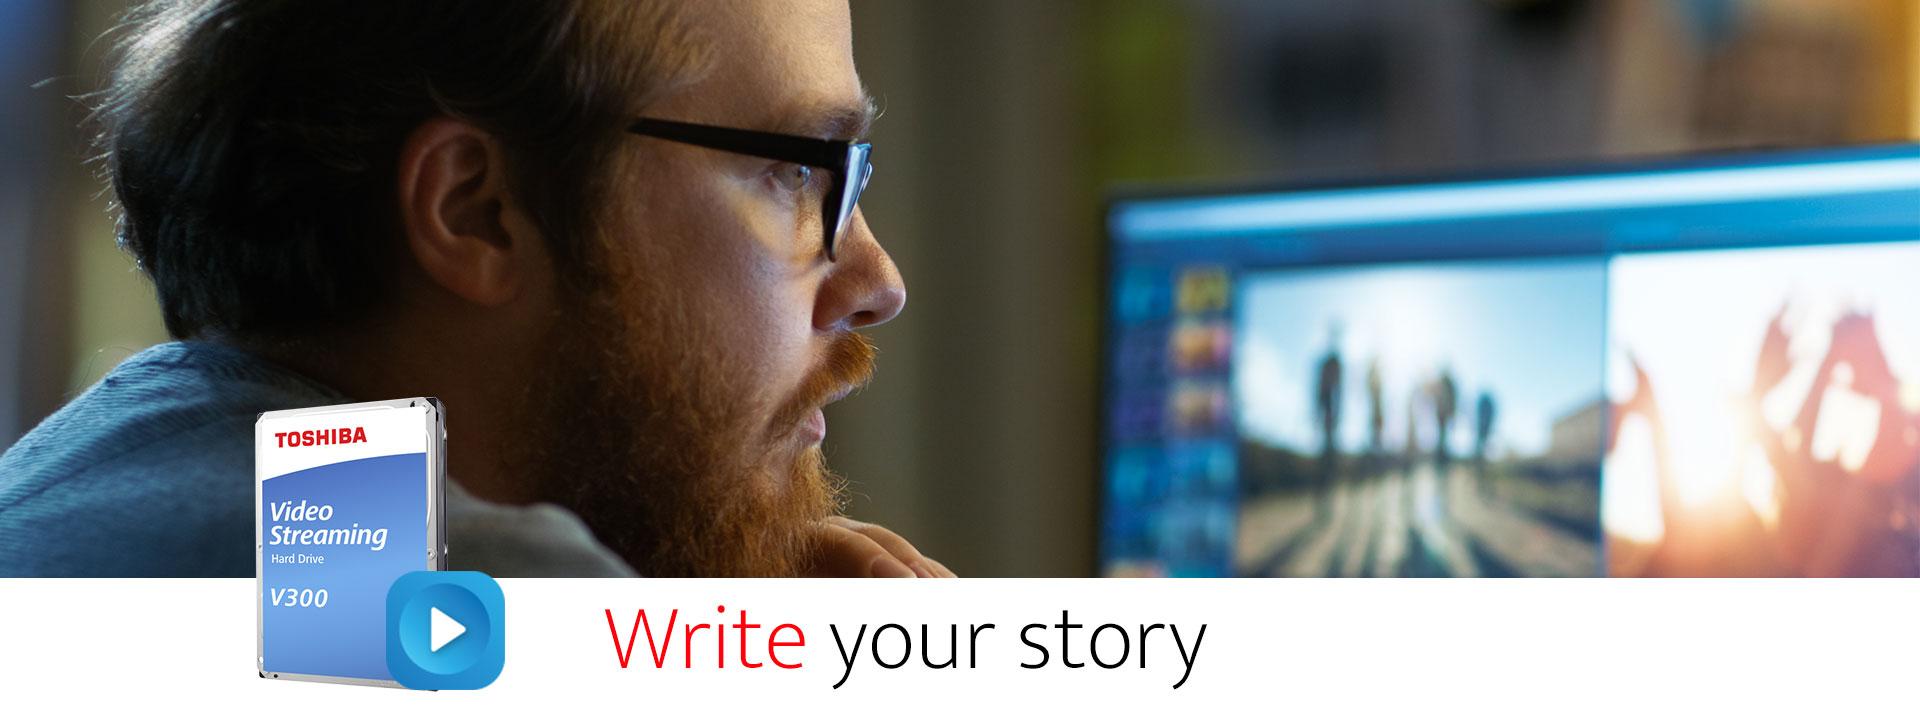 Write_Your_Story_V300